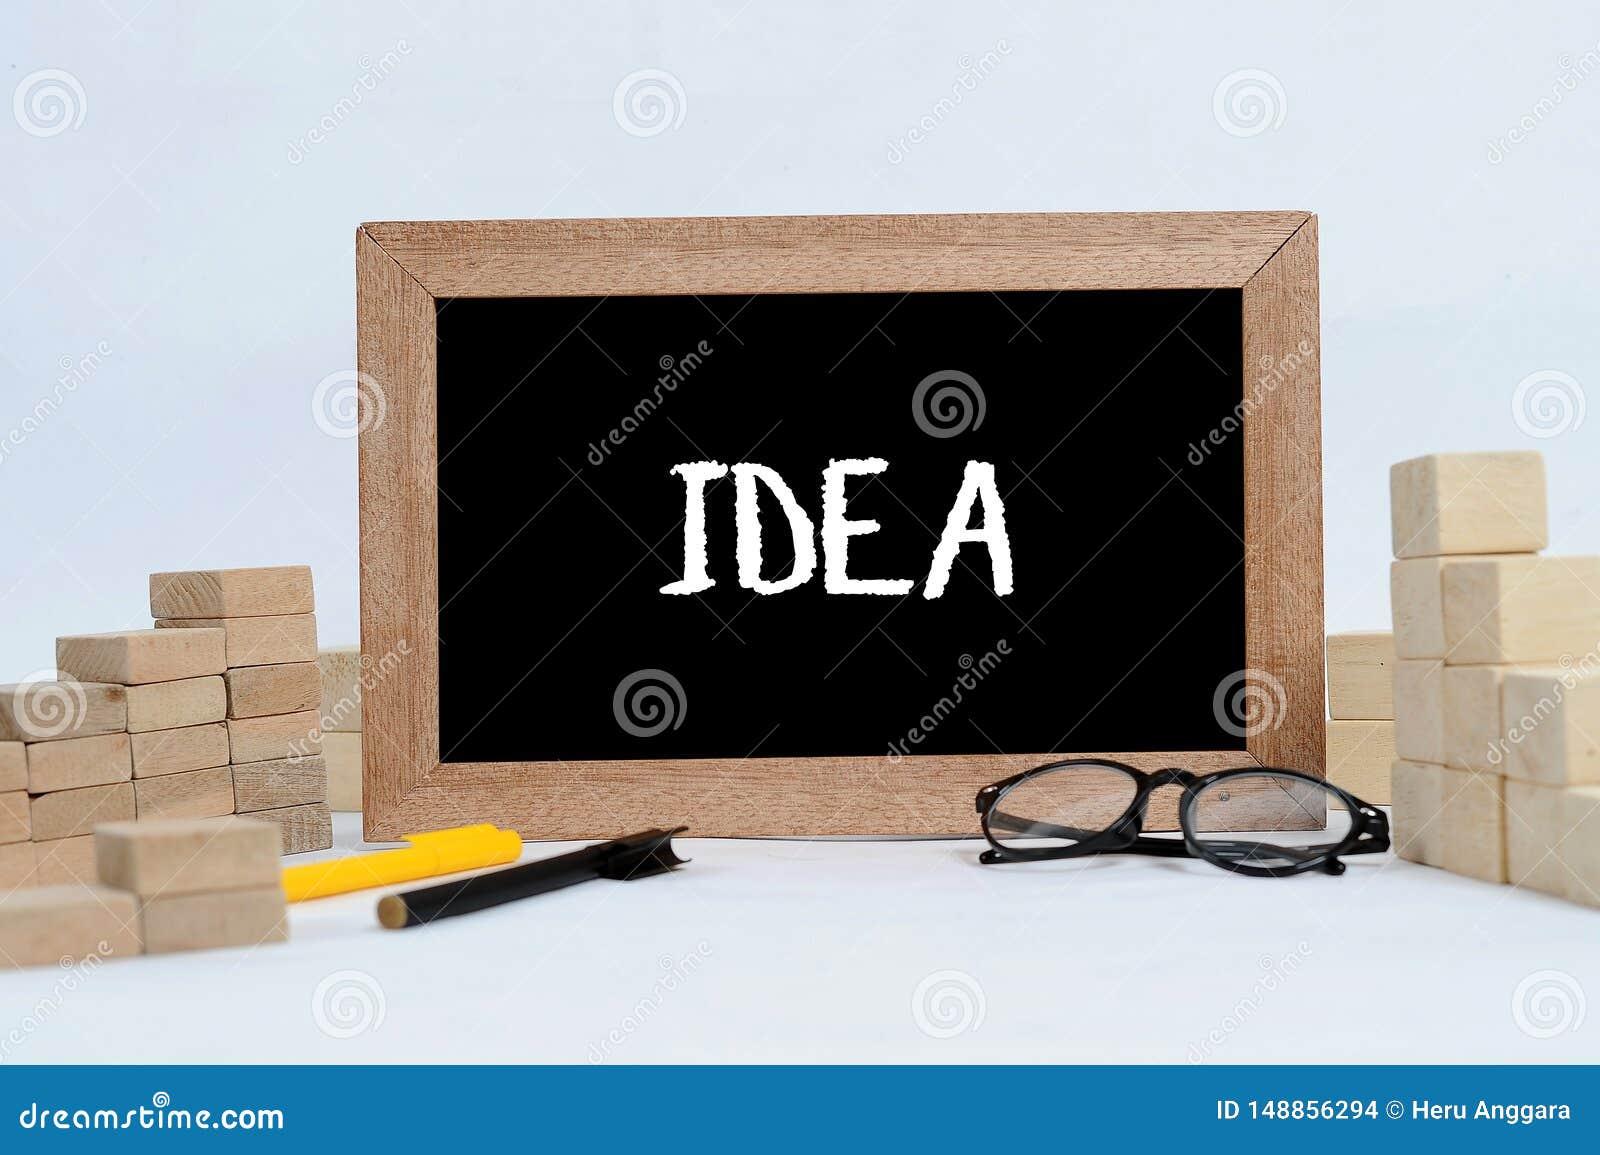 Найдите ИДЕЯ для концепции или стратегии бизнеса дела получить самую лучшую цель на хорошем зрении и миссию в цели дела Текст ИДЕ